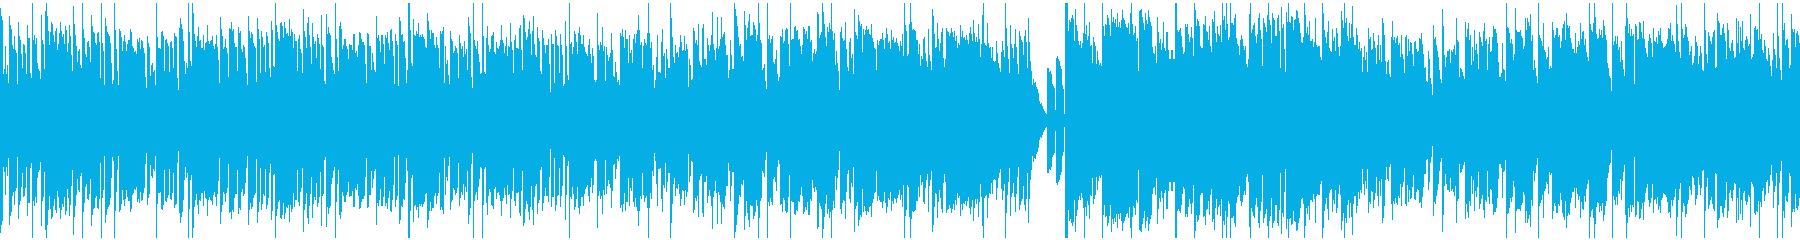 シンセ中心のコミカル曲_ループの再生済みの波形